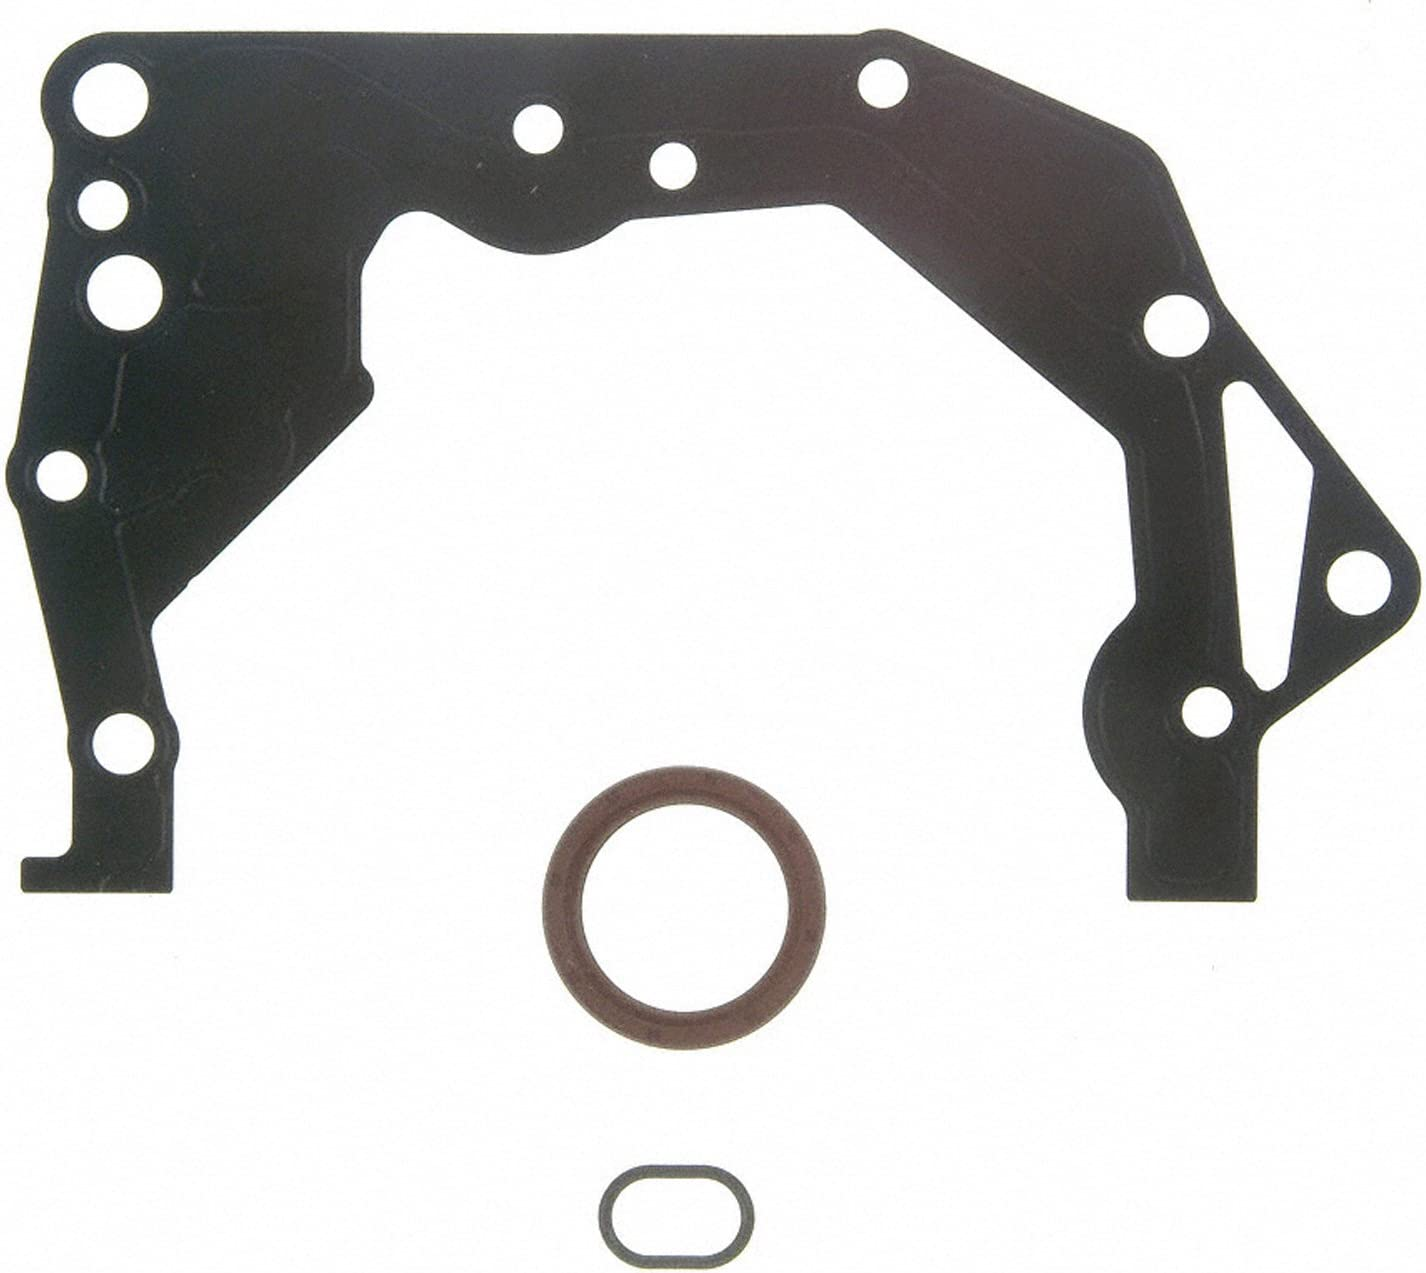 Fel-pro TCS45921 Engine Crankshaft Front Gasket Seal Kit